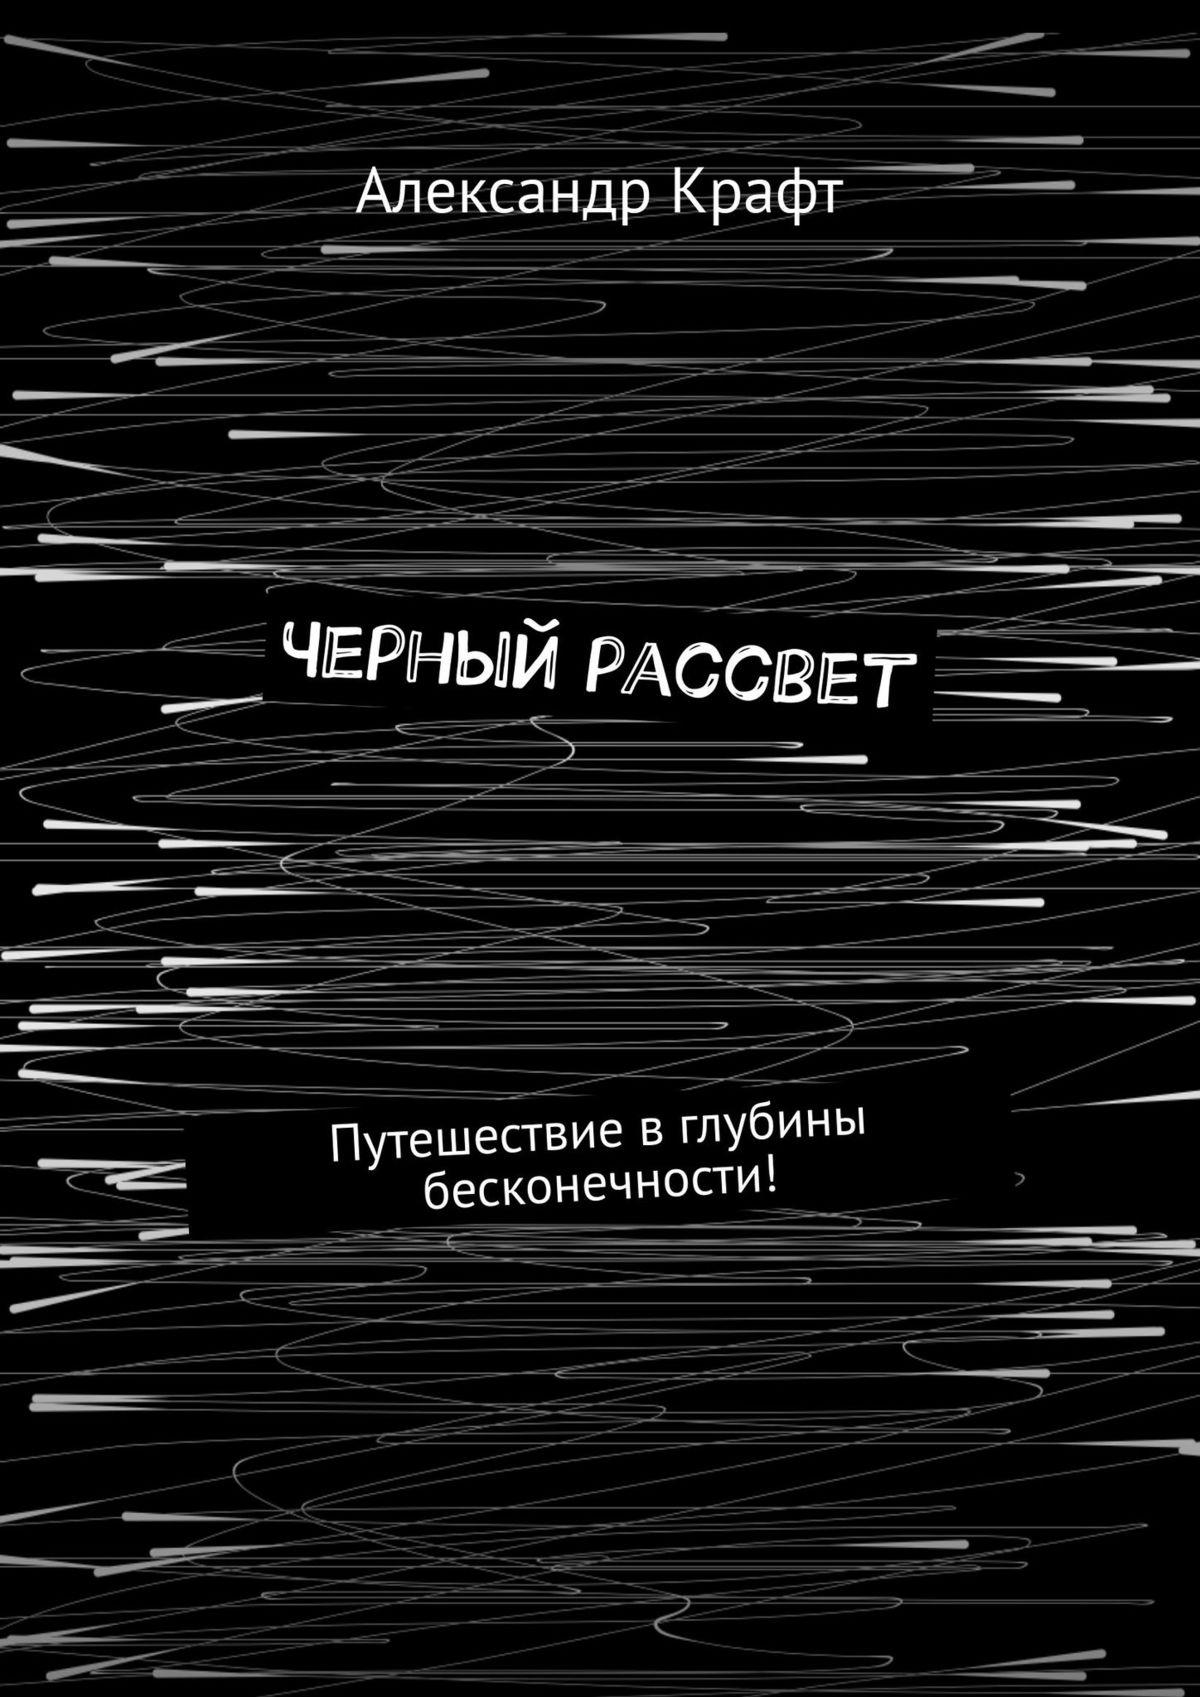 Купить книгу Черный рассвет. Путешествие вглубины бесконечности!, автора Александра Крафта